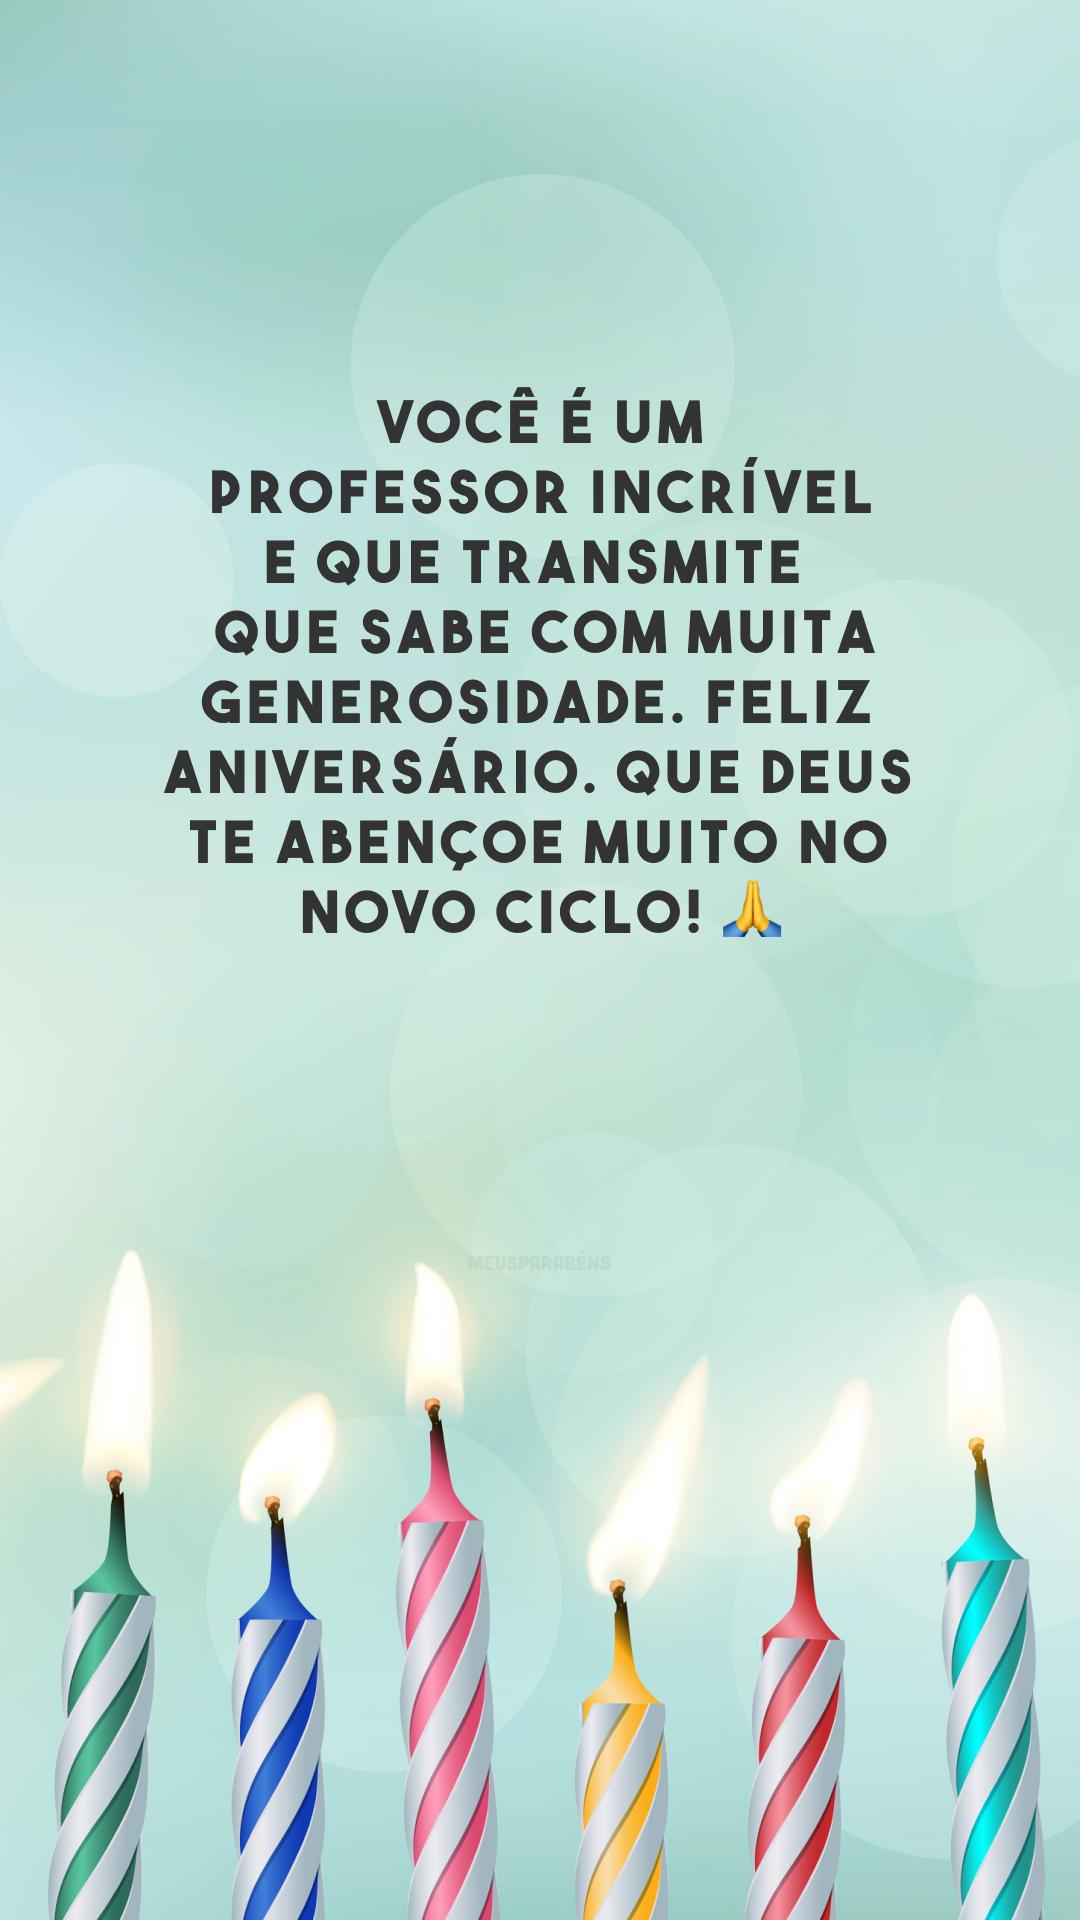 Você é um professor incrível e que transmite o que sabe com muita generosidade. Feliz aniversário. Que Deus te abençoe muito no novo ciclo! 🙏